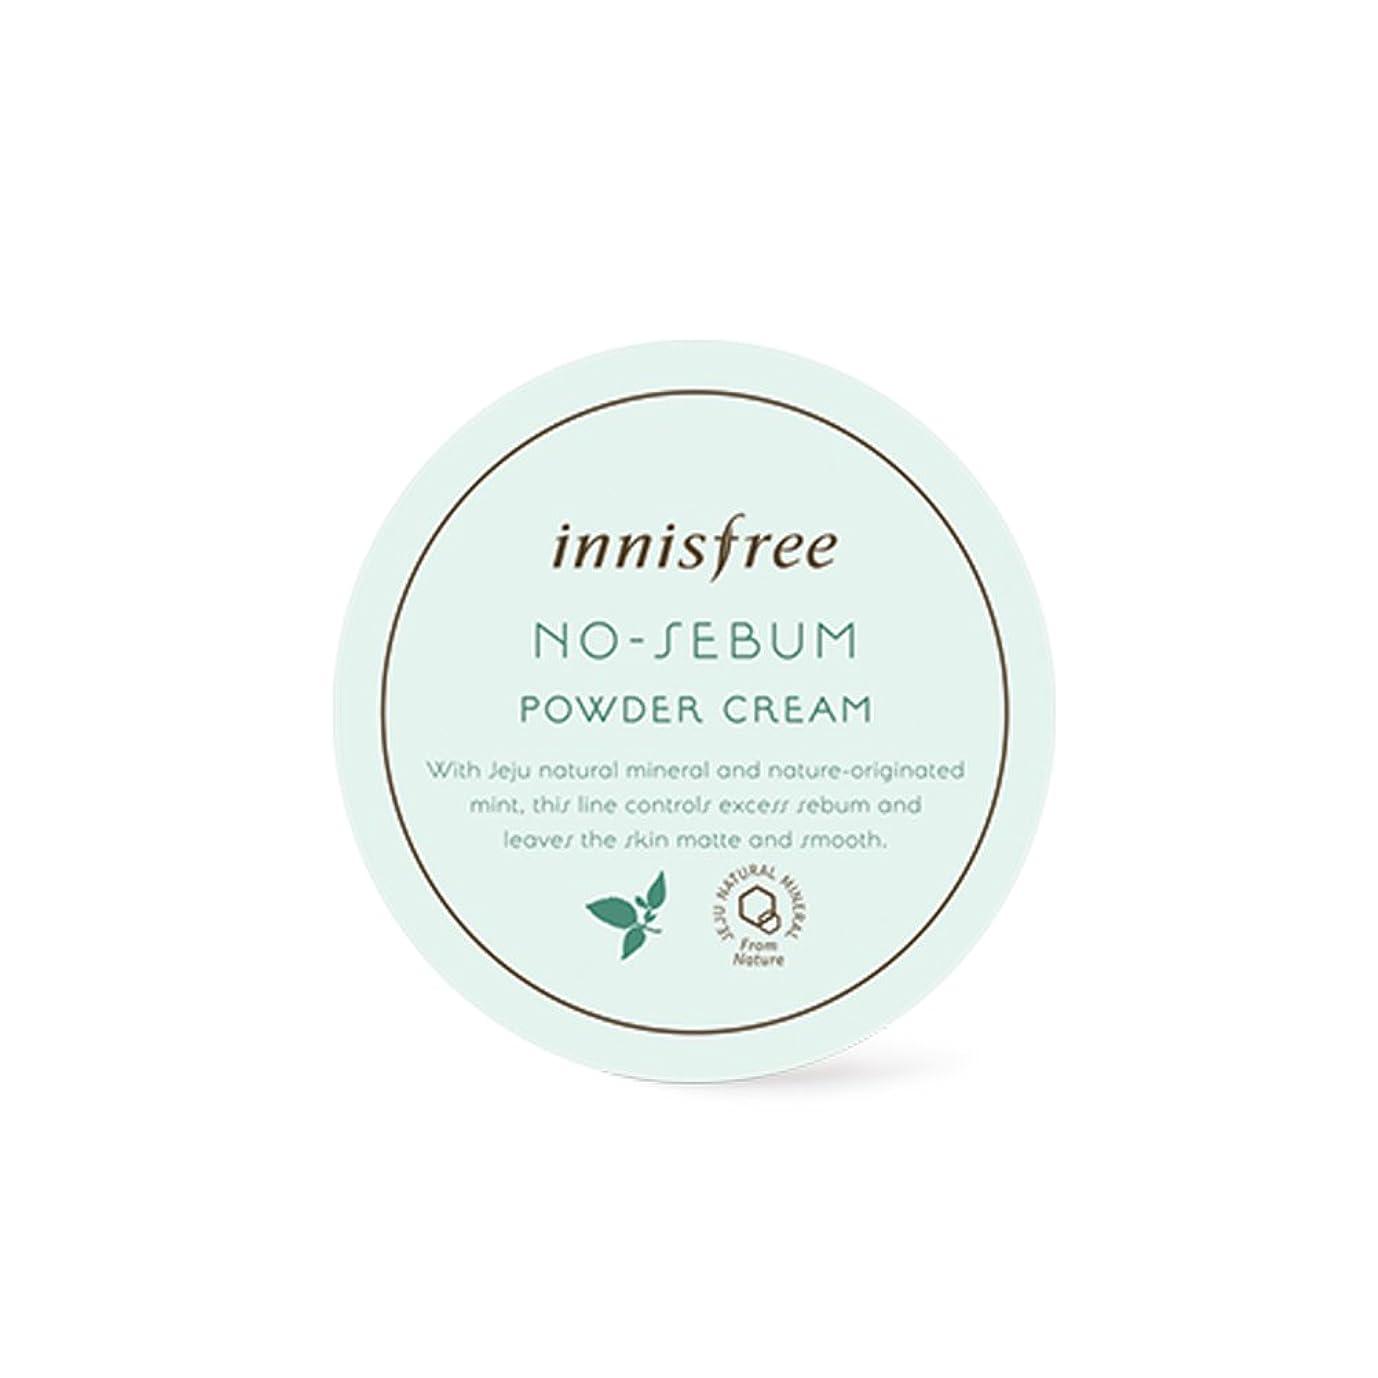 制限口径傘イニスフリー[ Innisfree ]ノー皮脂パウダークリーム25g、油性スキンケア、オイルコントロール用[No-Sebum Powder Cream 25g, for Oily Skin Care, Oil Control][並行輸入品][海外直送品]